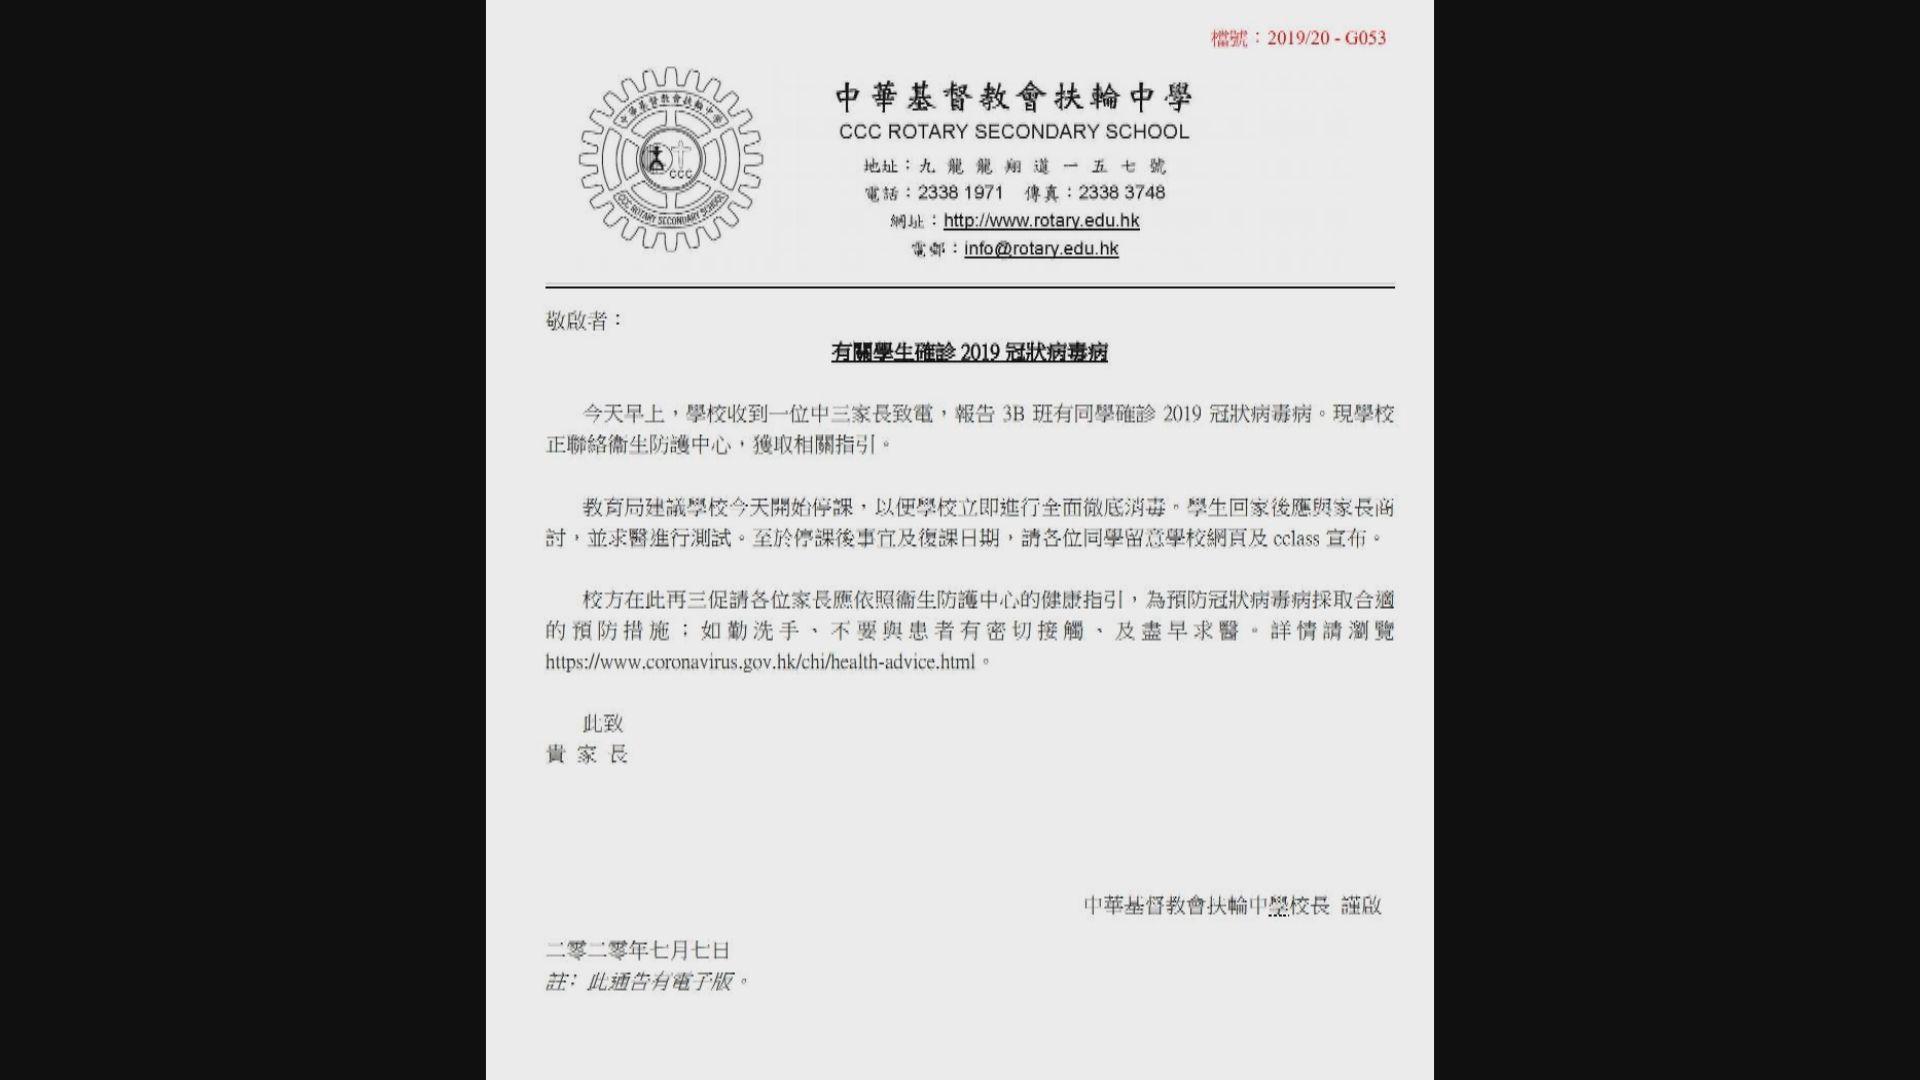 消息:黃大仙扶輪中學學生確診新冠病毒 即日起停課